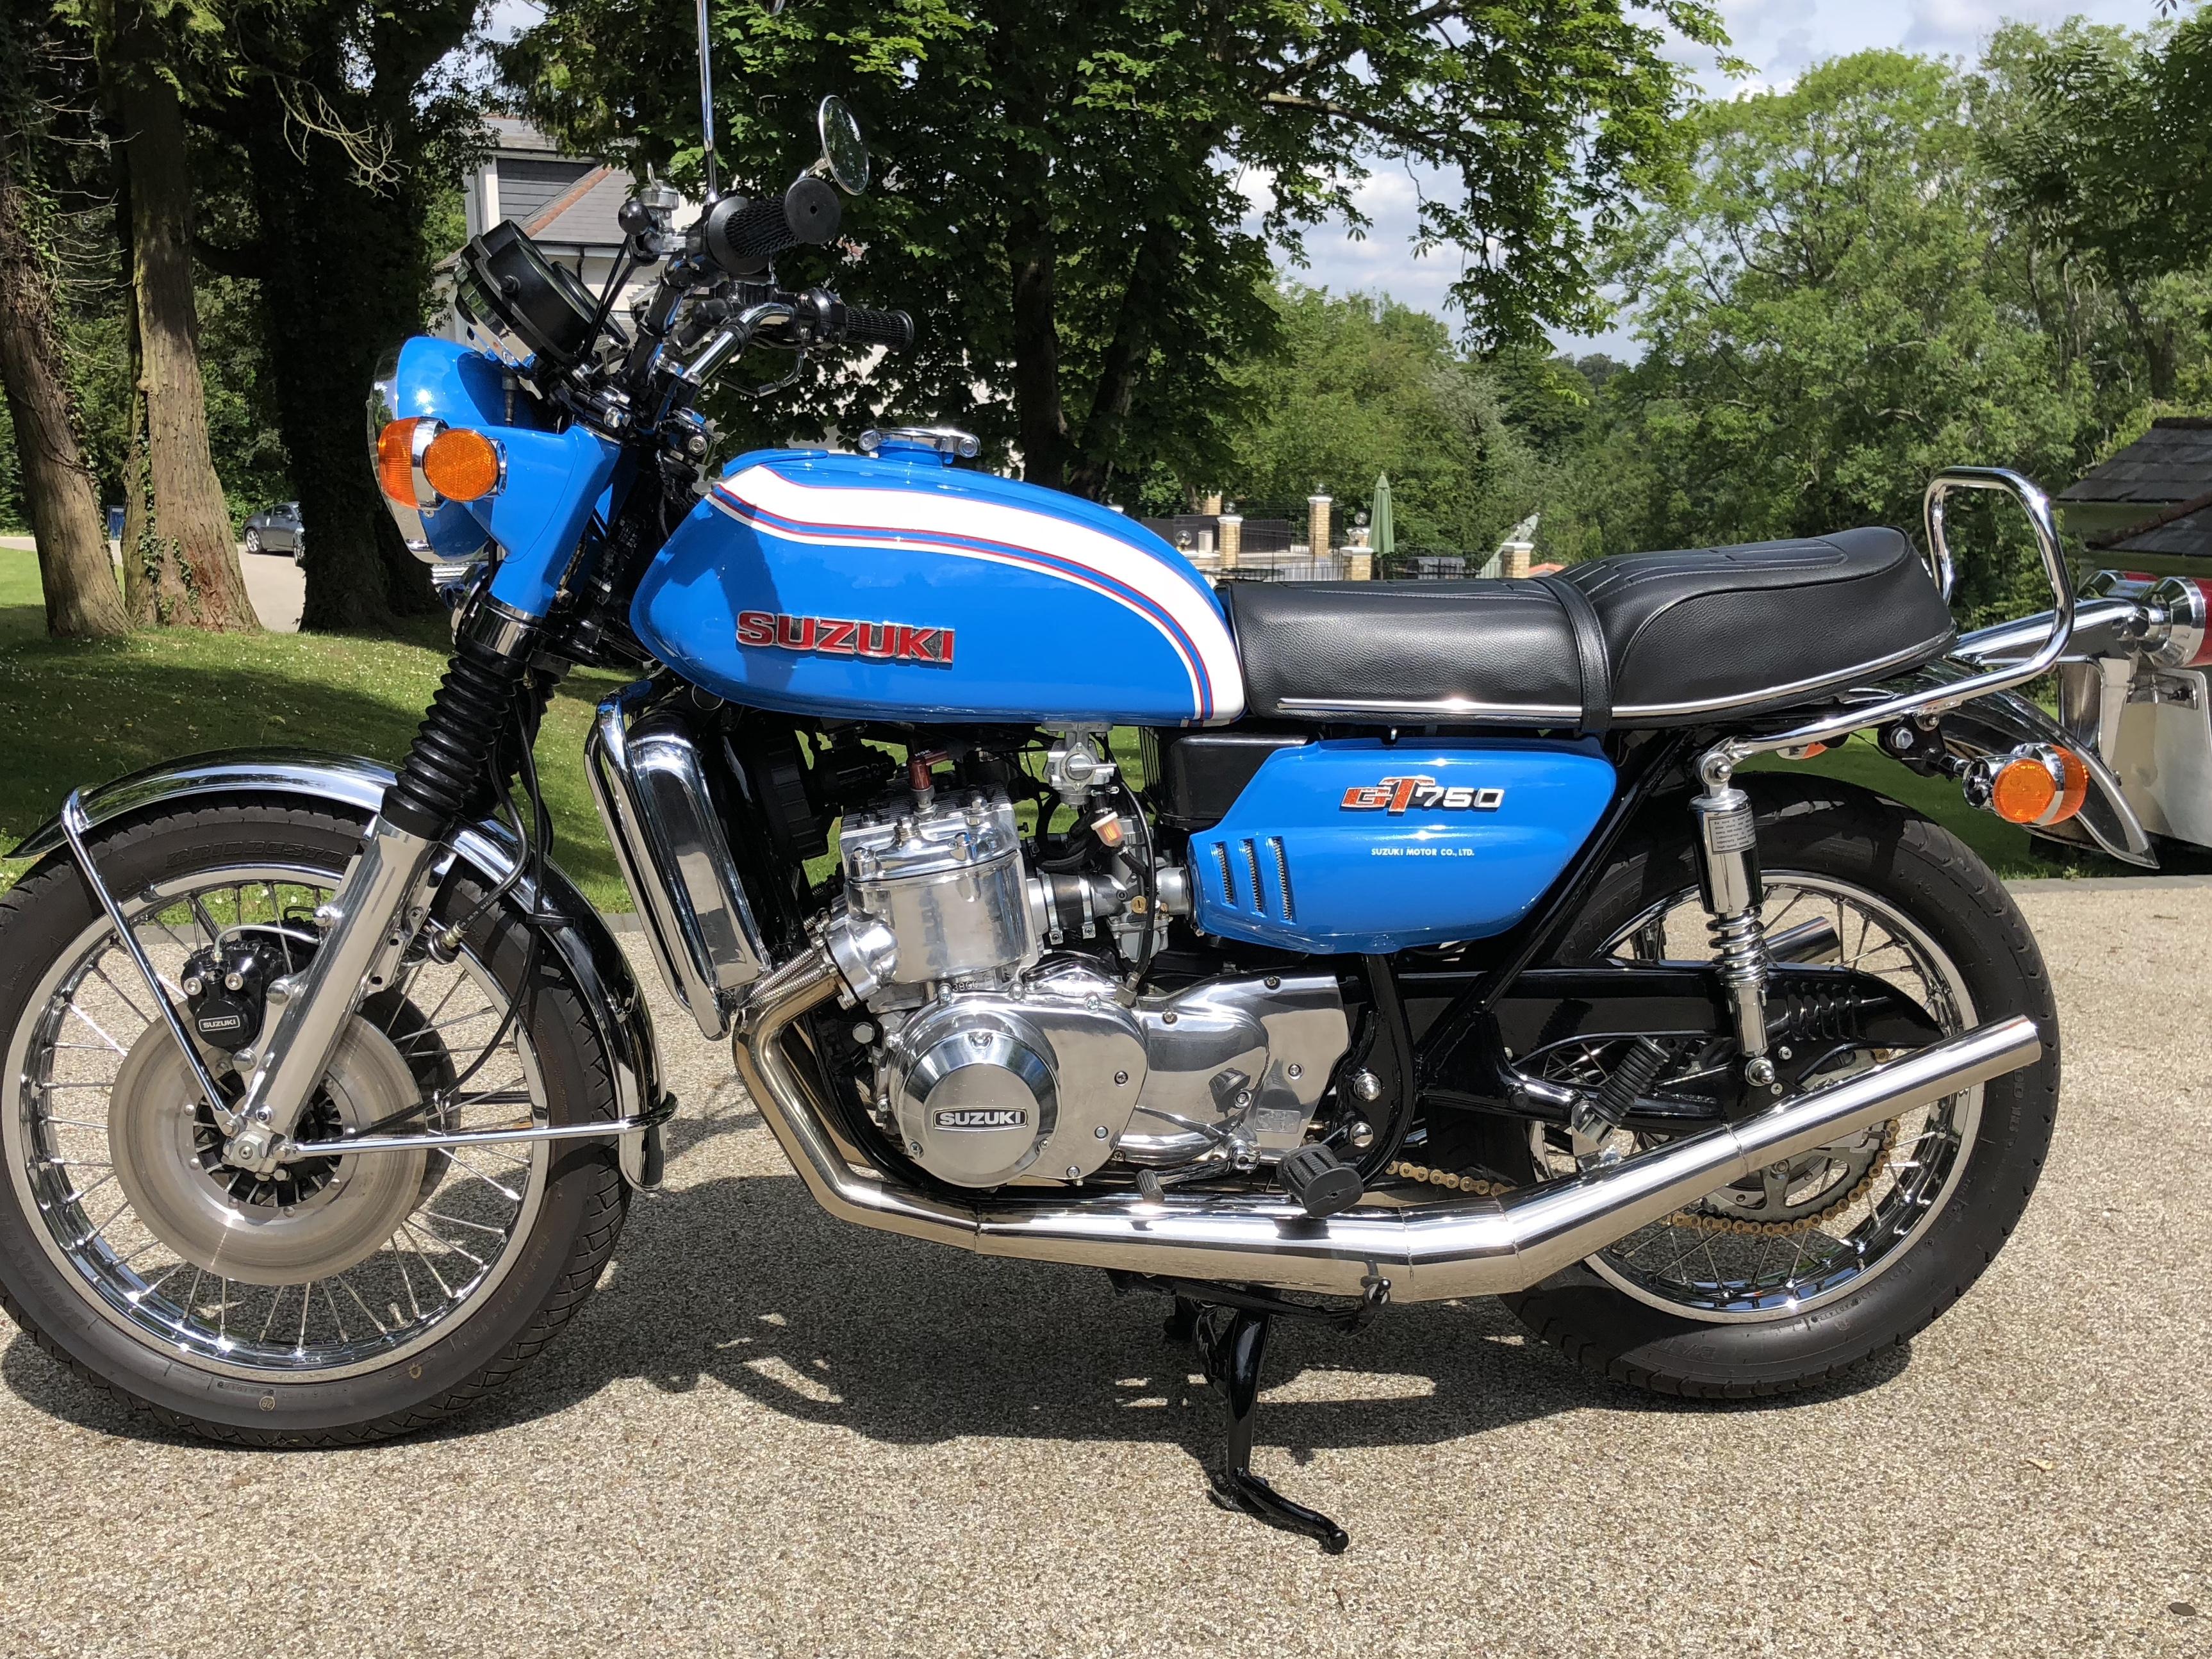 GT750K